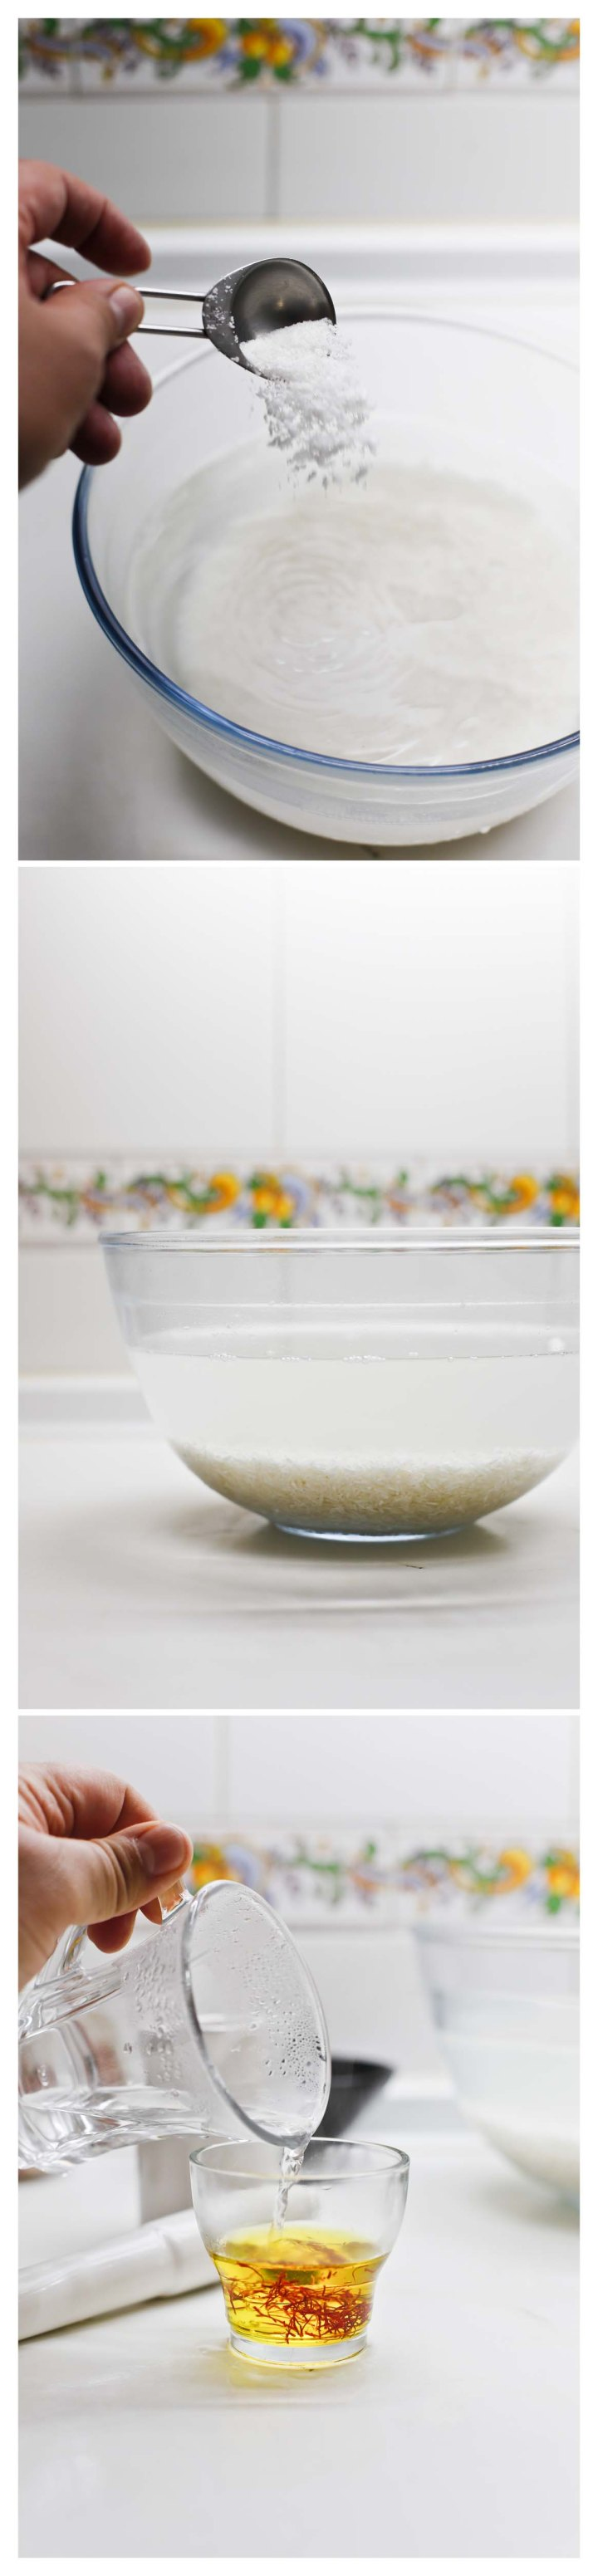 arroz en remojo y agua de azafrán